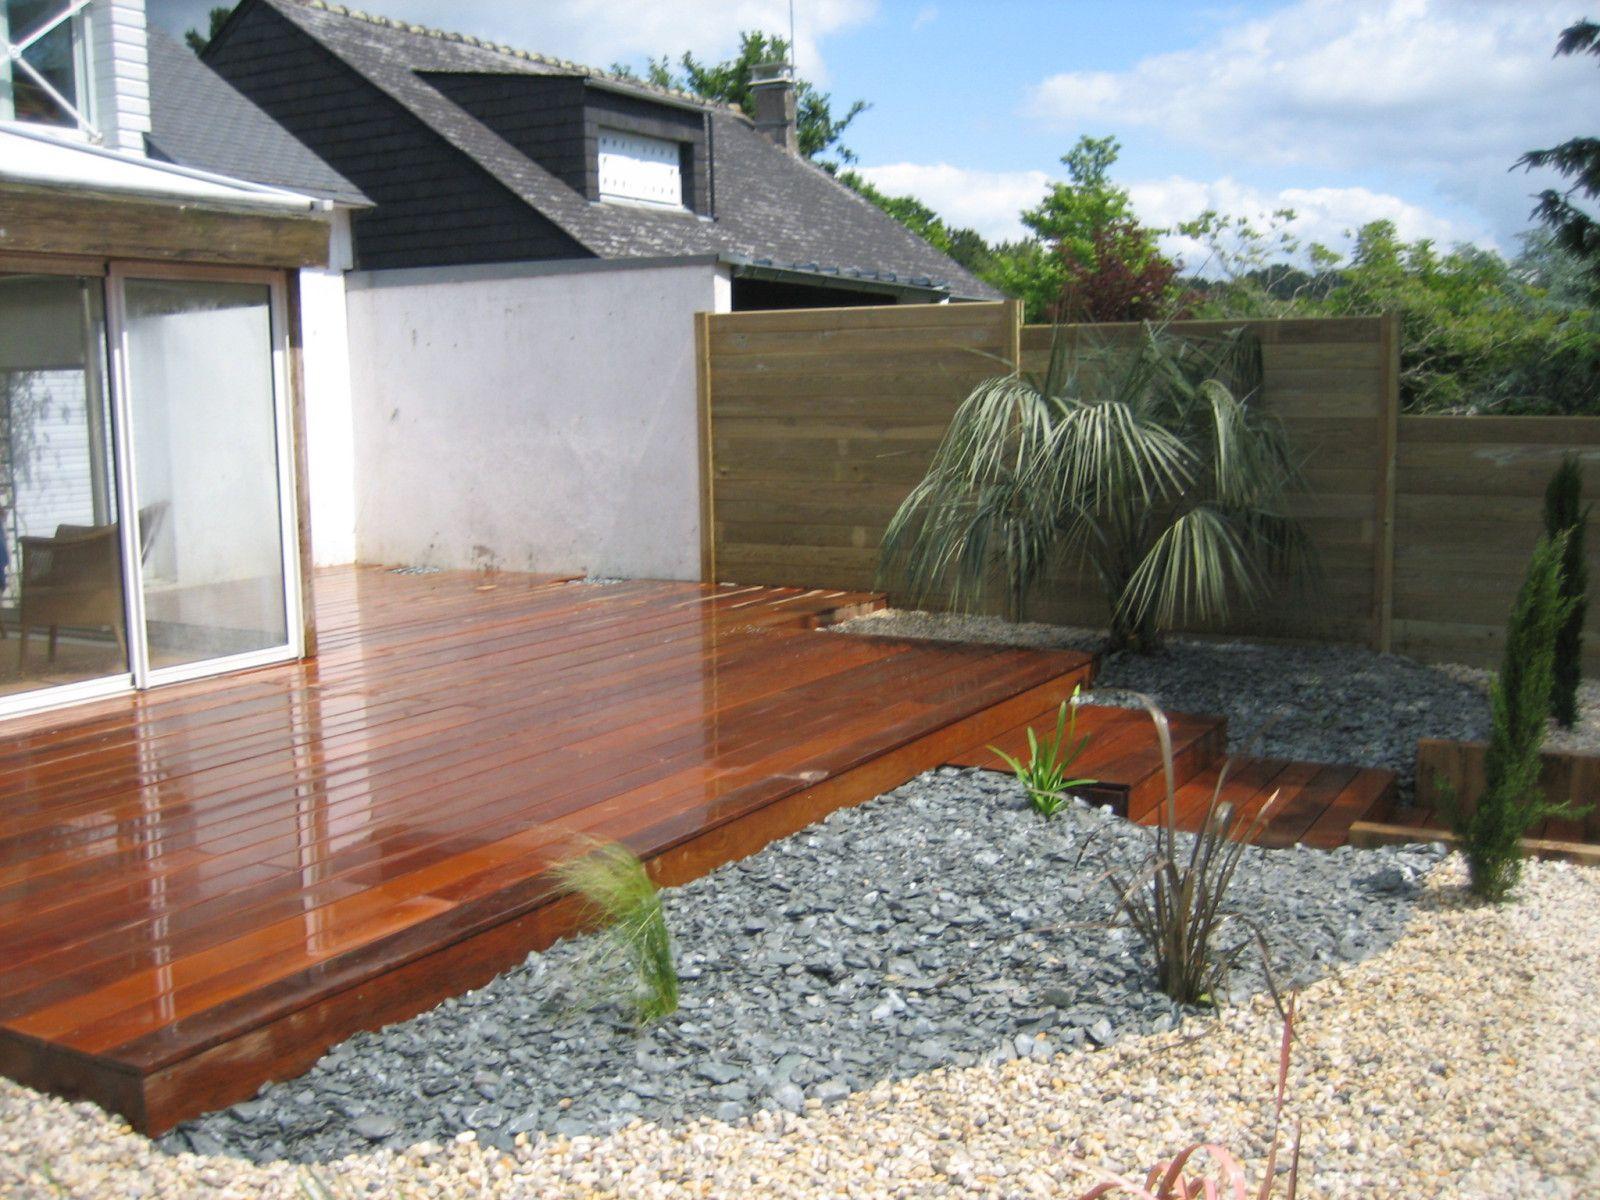 Terrasse En Bois Et Jardin album - terrasse-bois - arbor mineral - paysagiste